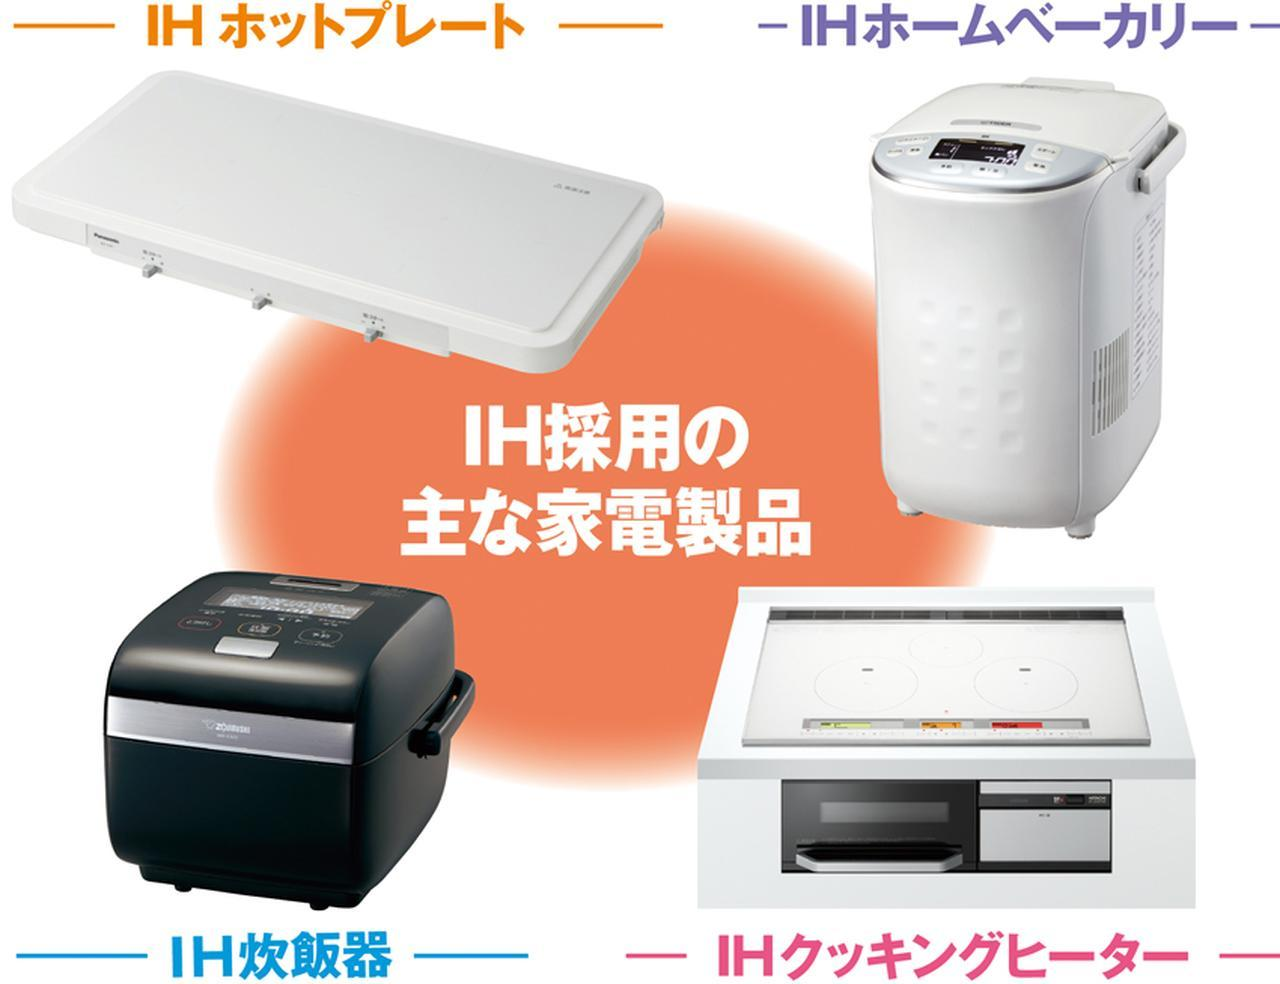 画像: IH式の普及 炊飯器、ホットプレートなど採用する家電が増加